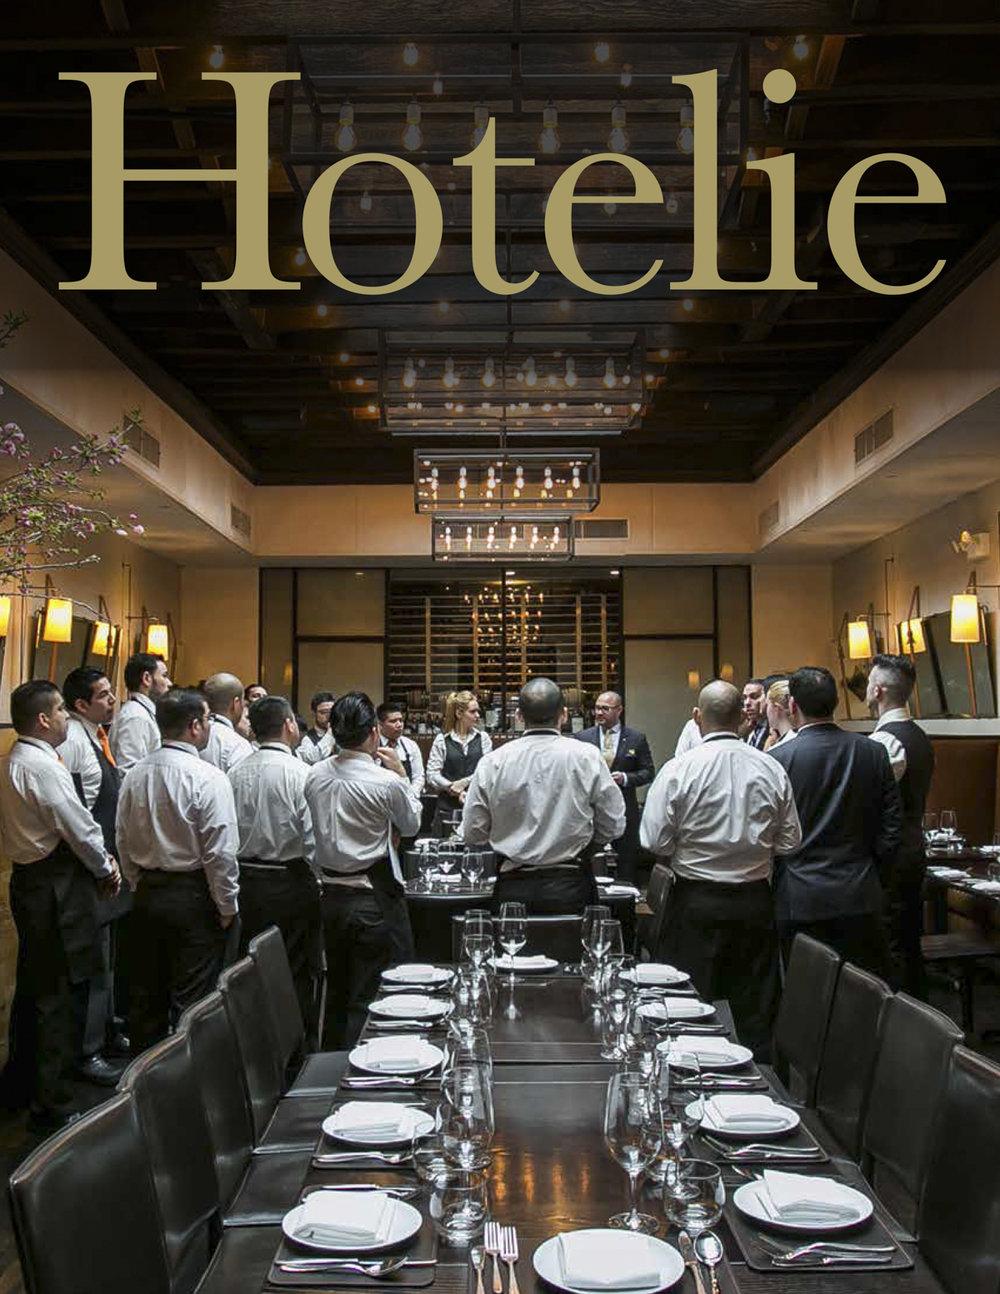 Hotelie_Summer15_FINAL_7-8-15-1_AV1.jpg